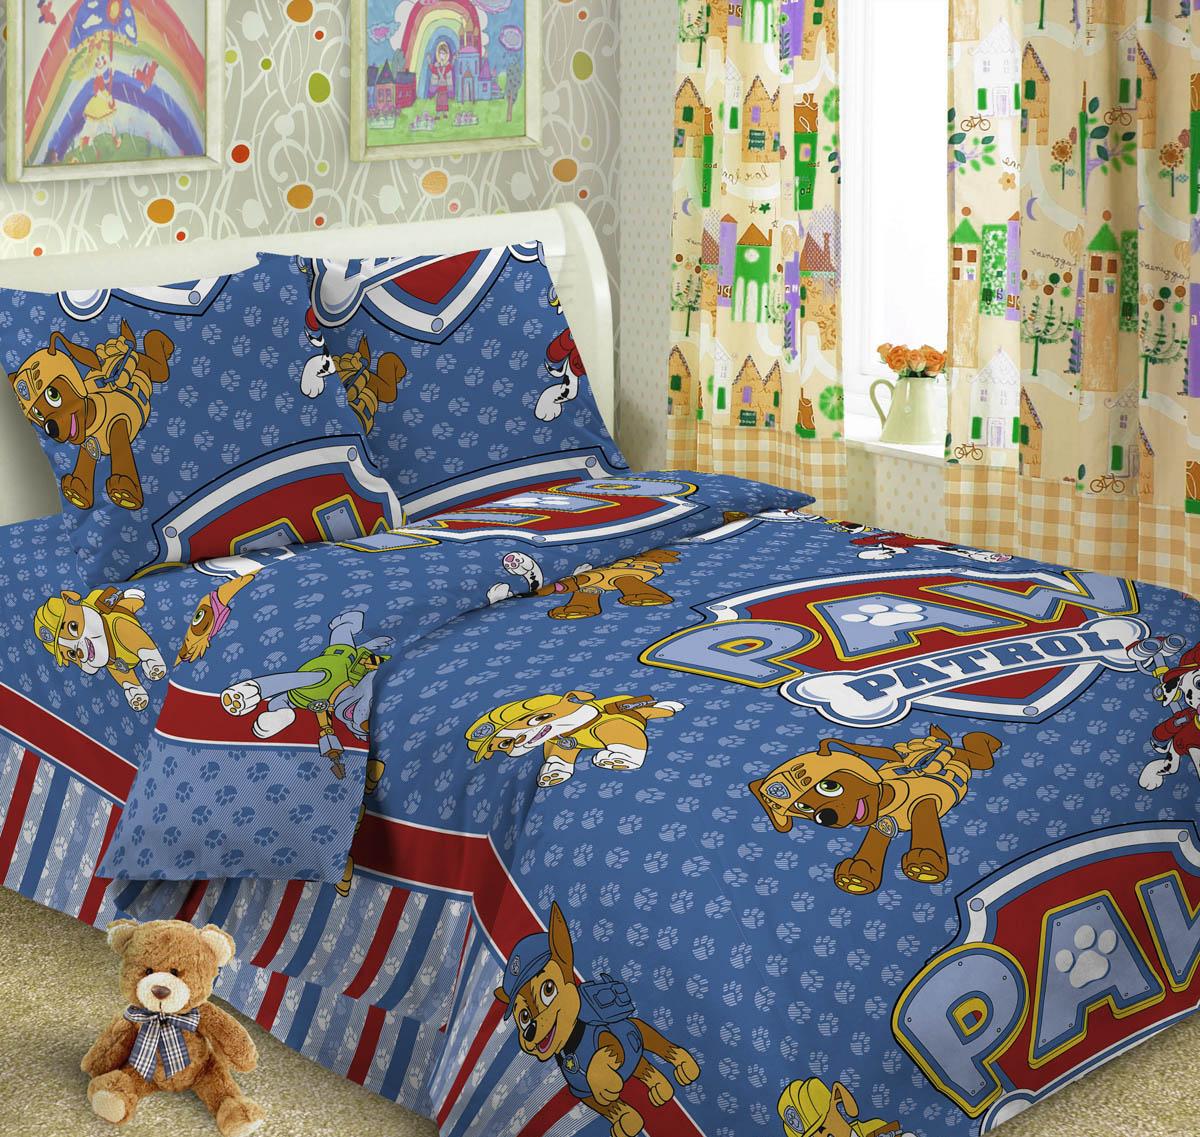 Letto Комплект детского постельного белья Догги цвет голубой